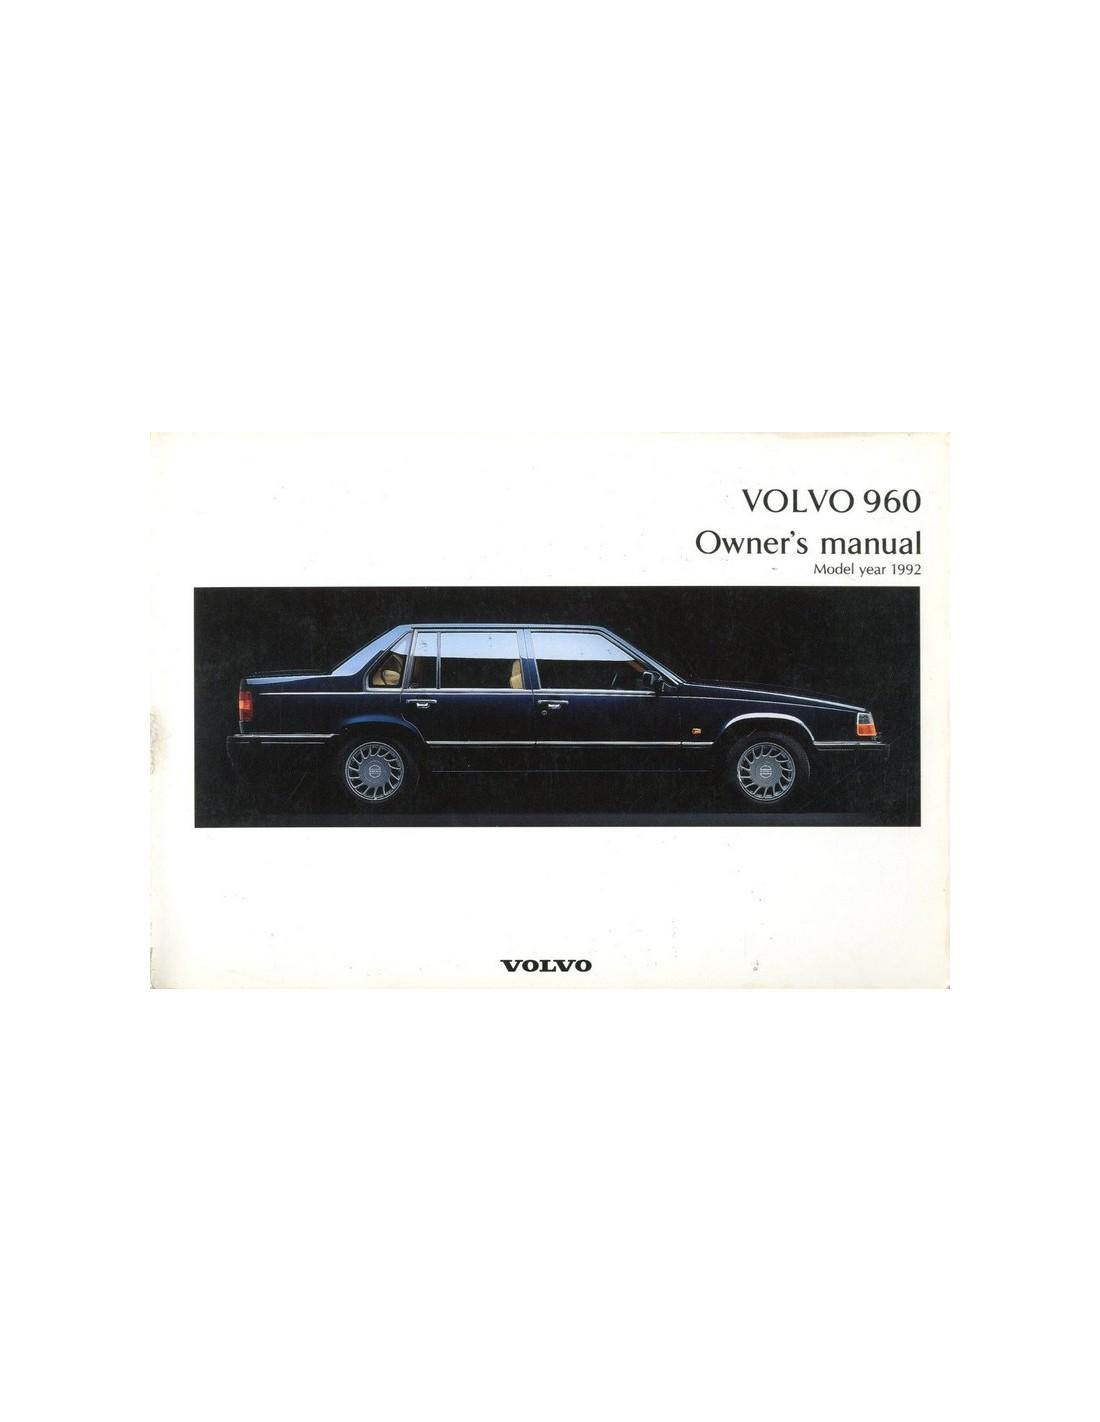 1992 volvo 960 owners manual handbook engels rh autolit eu owners manual volvo 960 owners manual volvo penta 205